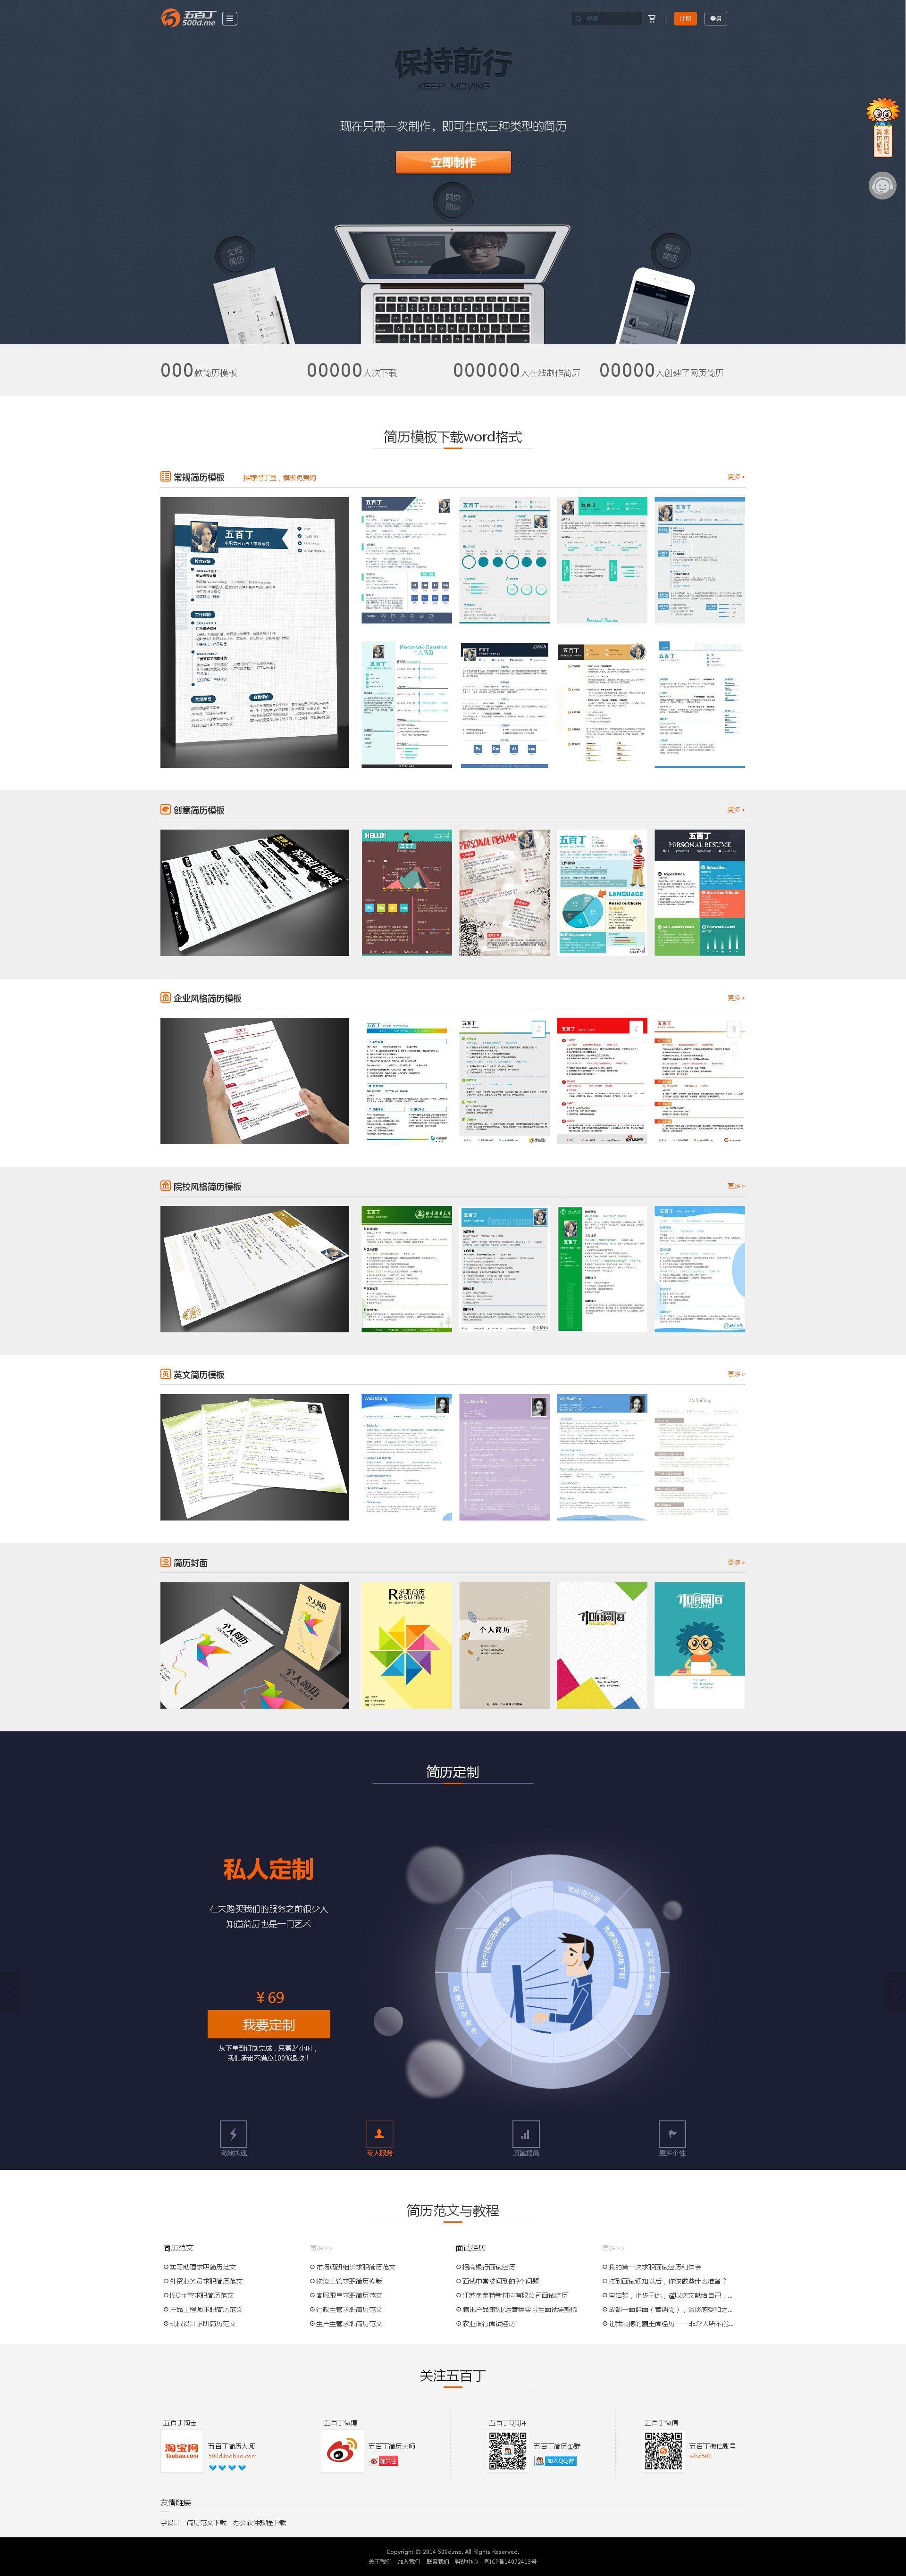 html转pdf